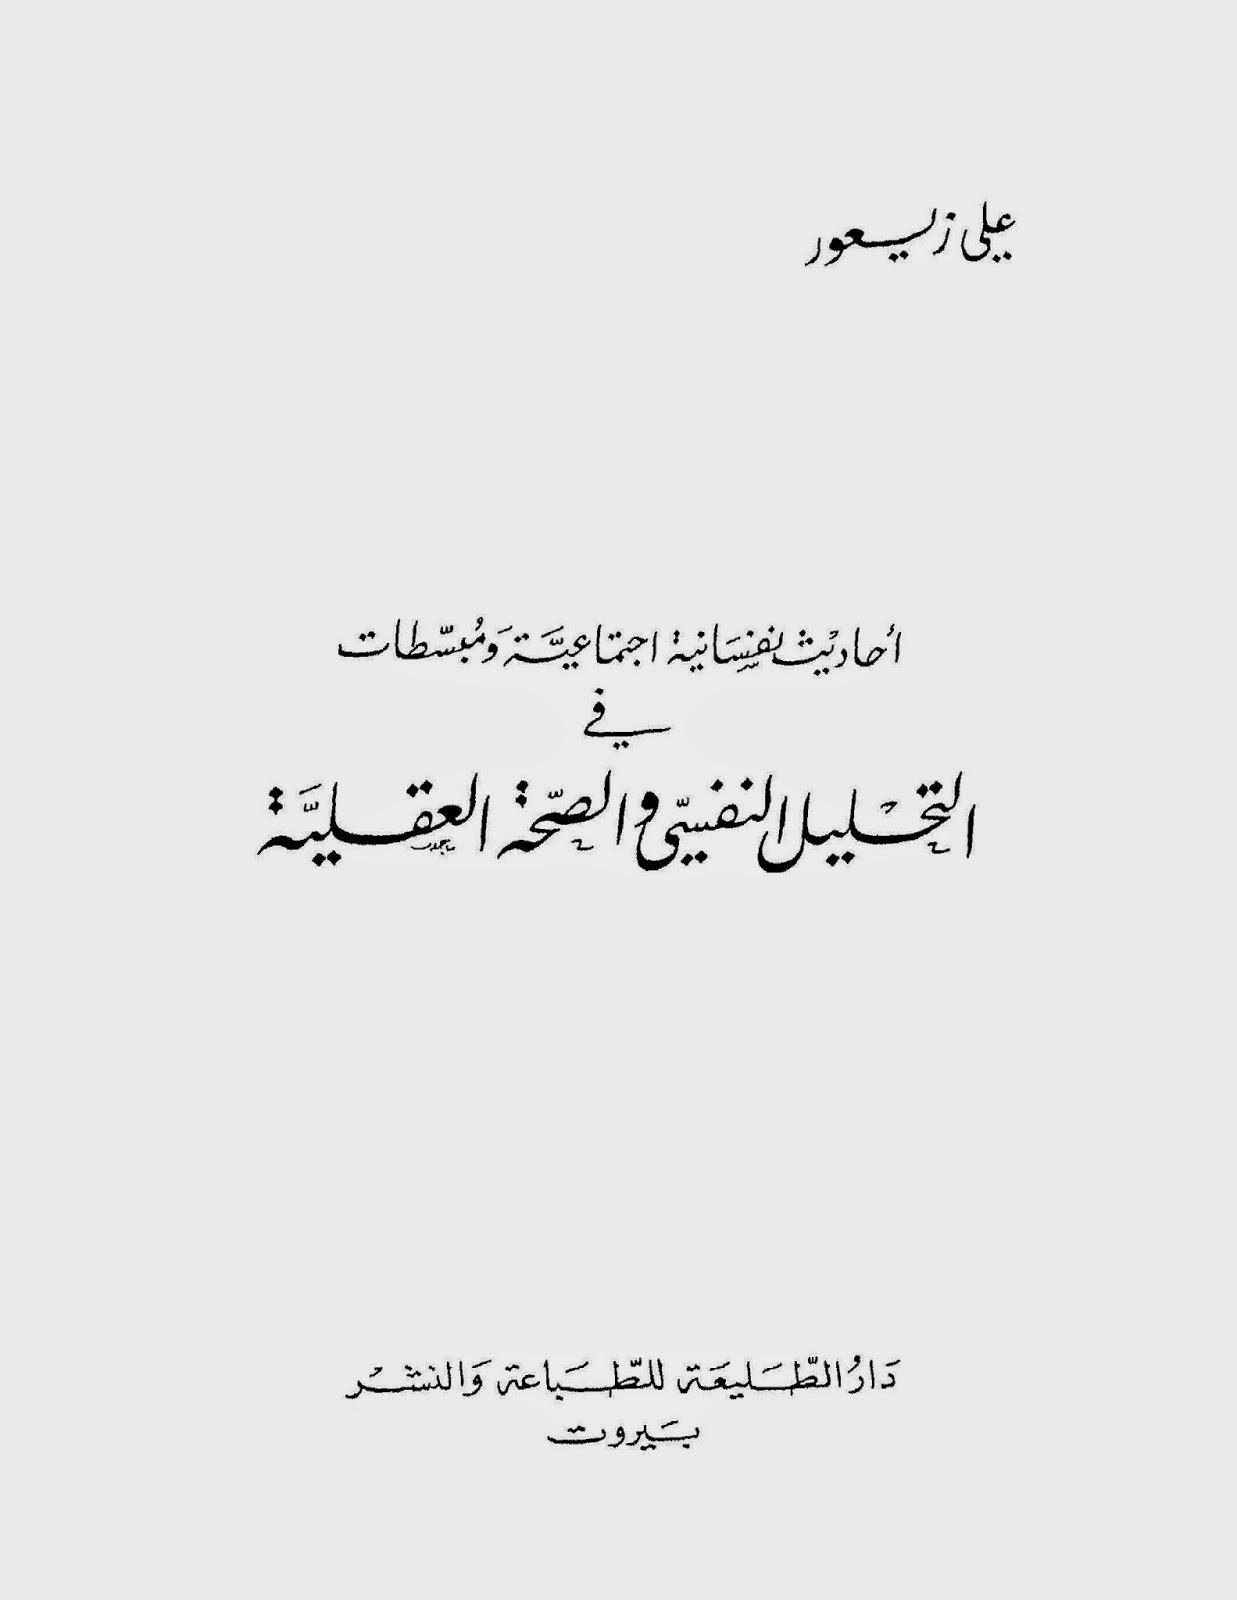 أحاديث نفسانية اجتماعية ومبسّطات في التحليل النفسي والصحة العقلية لـ علي زيعور